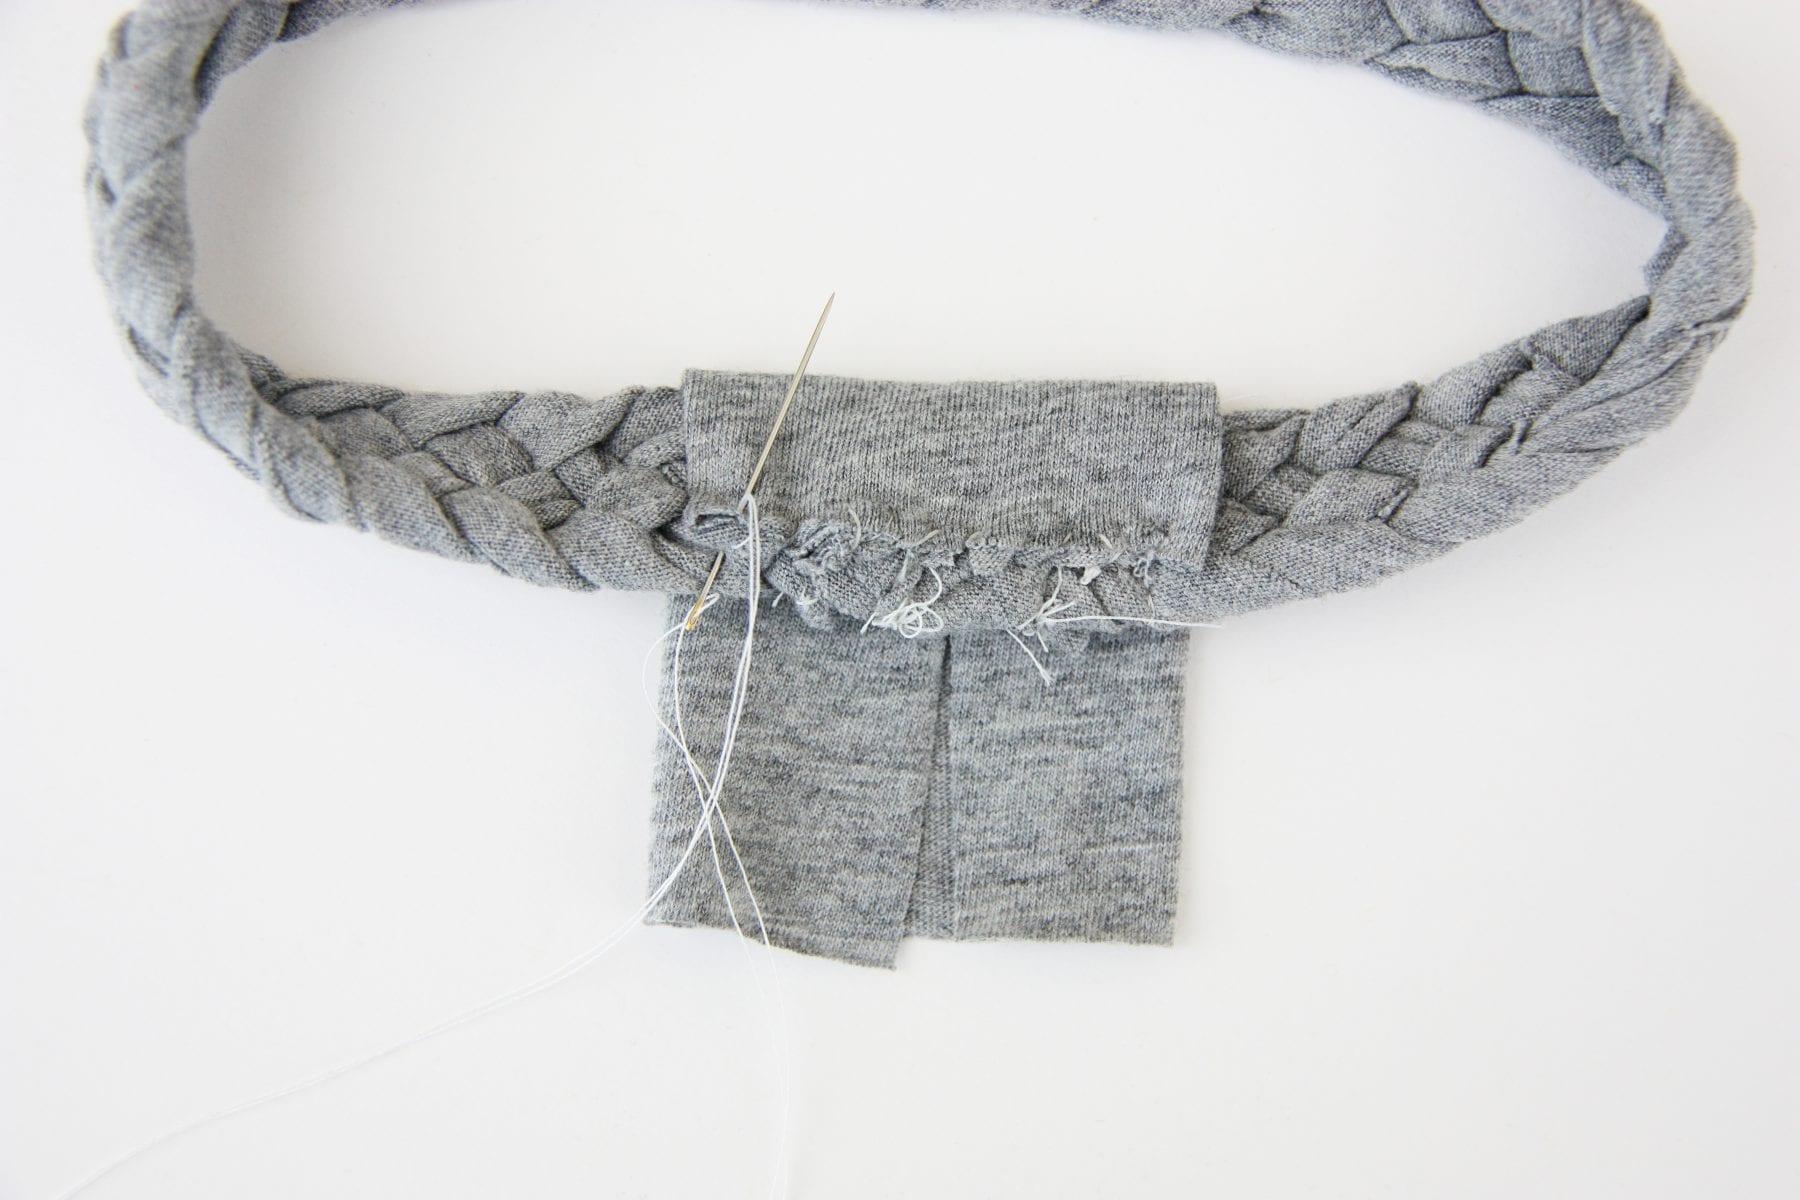 เสื้อยืดใช้แล้ว ทำที่คาดผม,เปียห้าเส้น,ผ้าคาดผม ทำเอง ง่าย,ทำที่คาดผมน่ารักเอง